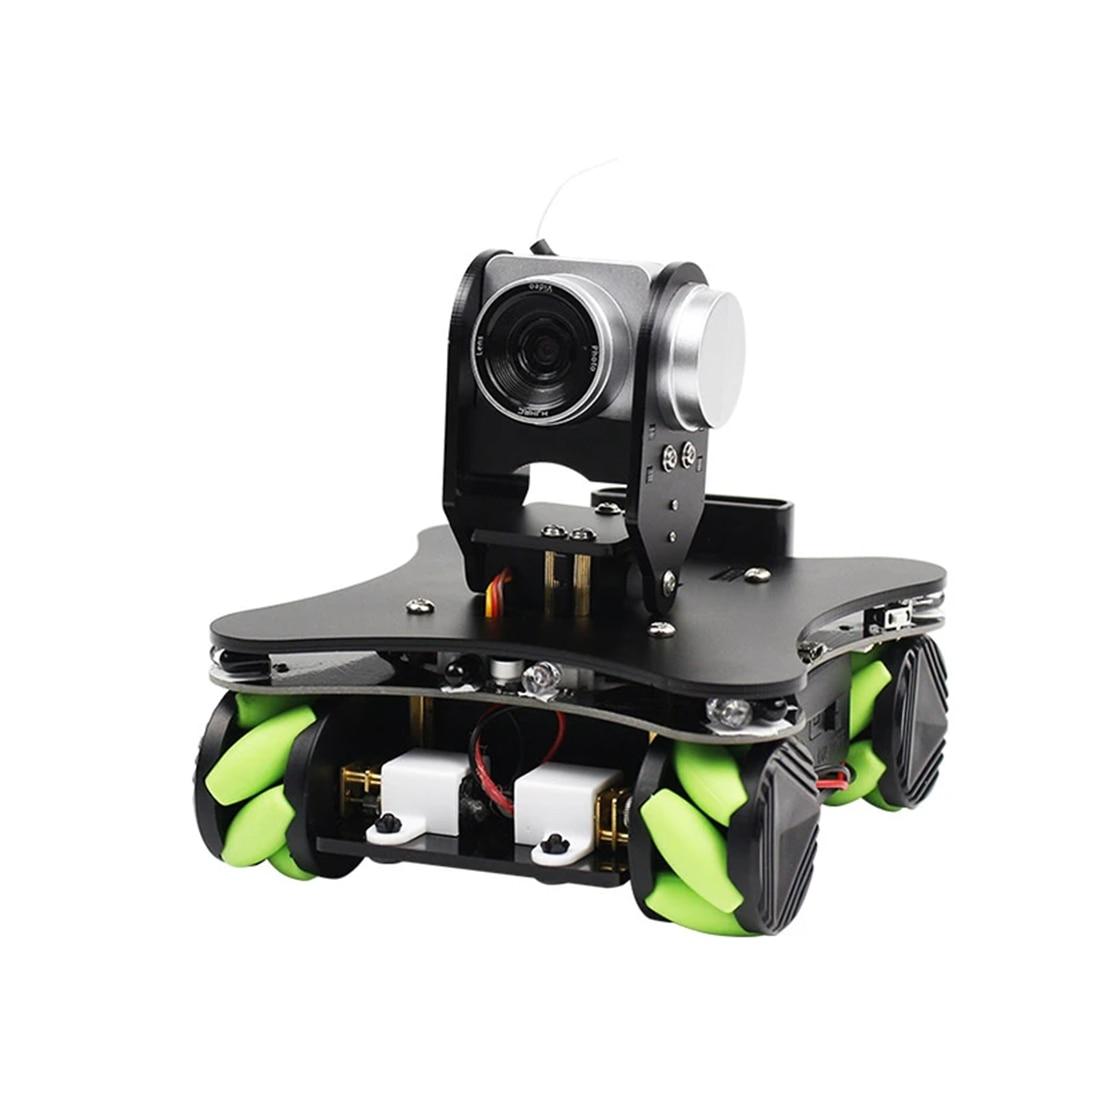 WiFi AI caméra FPV IR capteur infrarouge voiture Robot intelligente avec roue Mecanum pour Arduino (pas de batterie/avec 2 18650 Batteries)